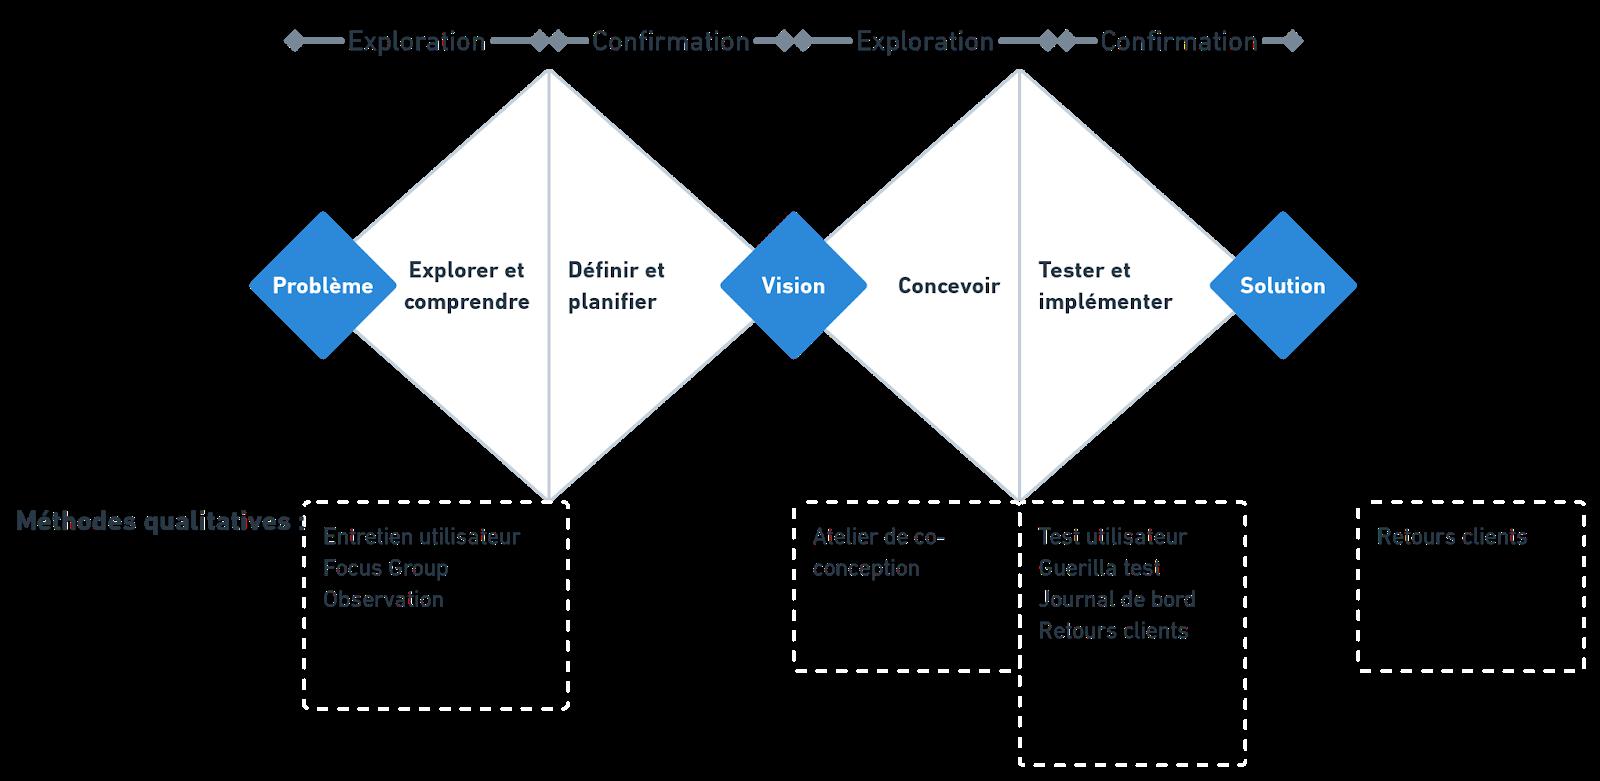 schéma en double-diamant présentant les différentes méthodes de recherche utilisateur à utiliser pour chaque étape du projet de conception